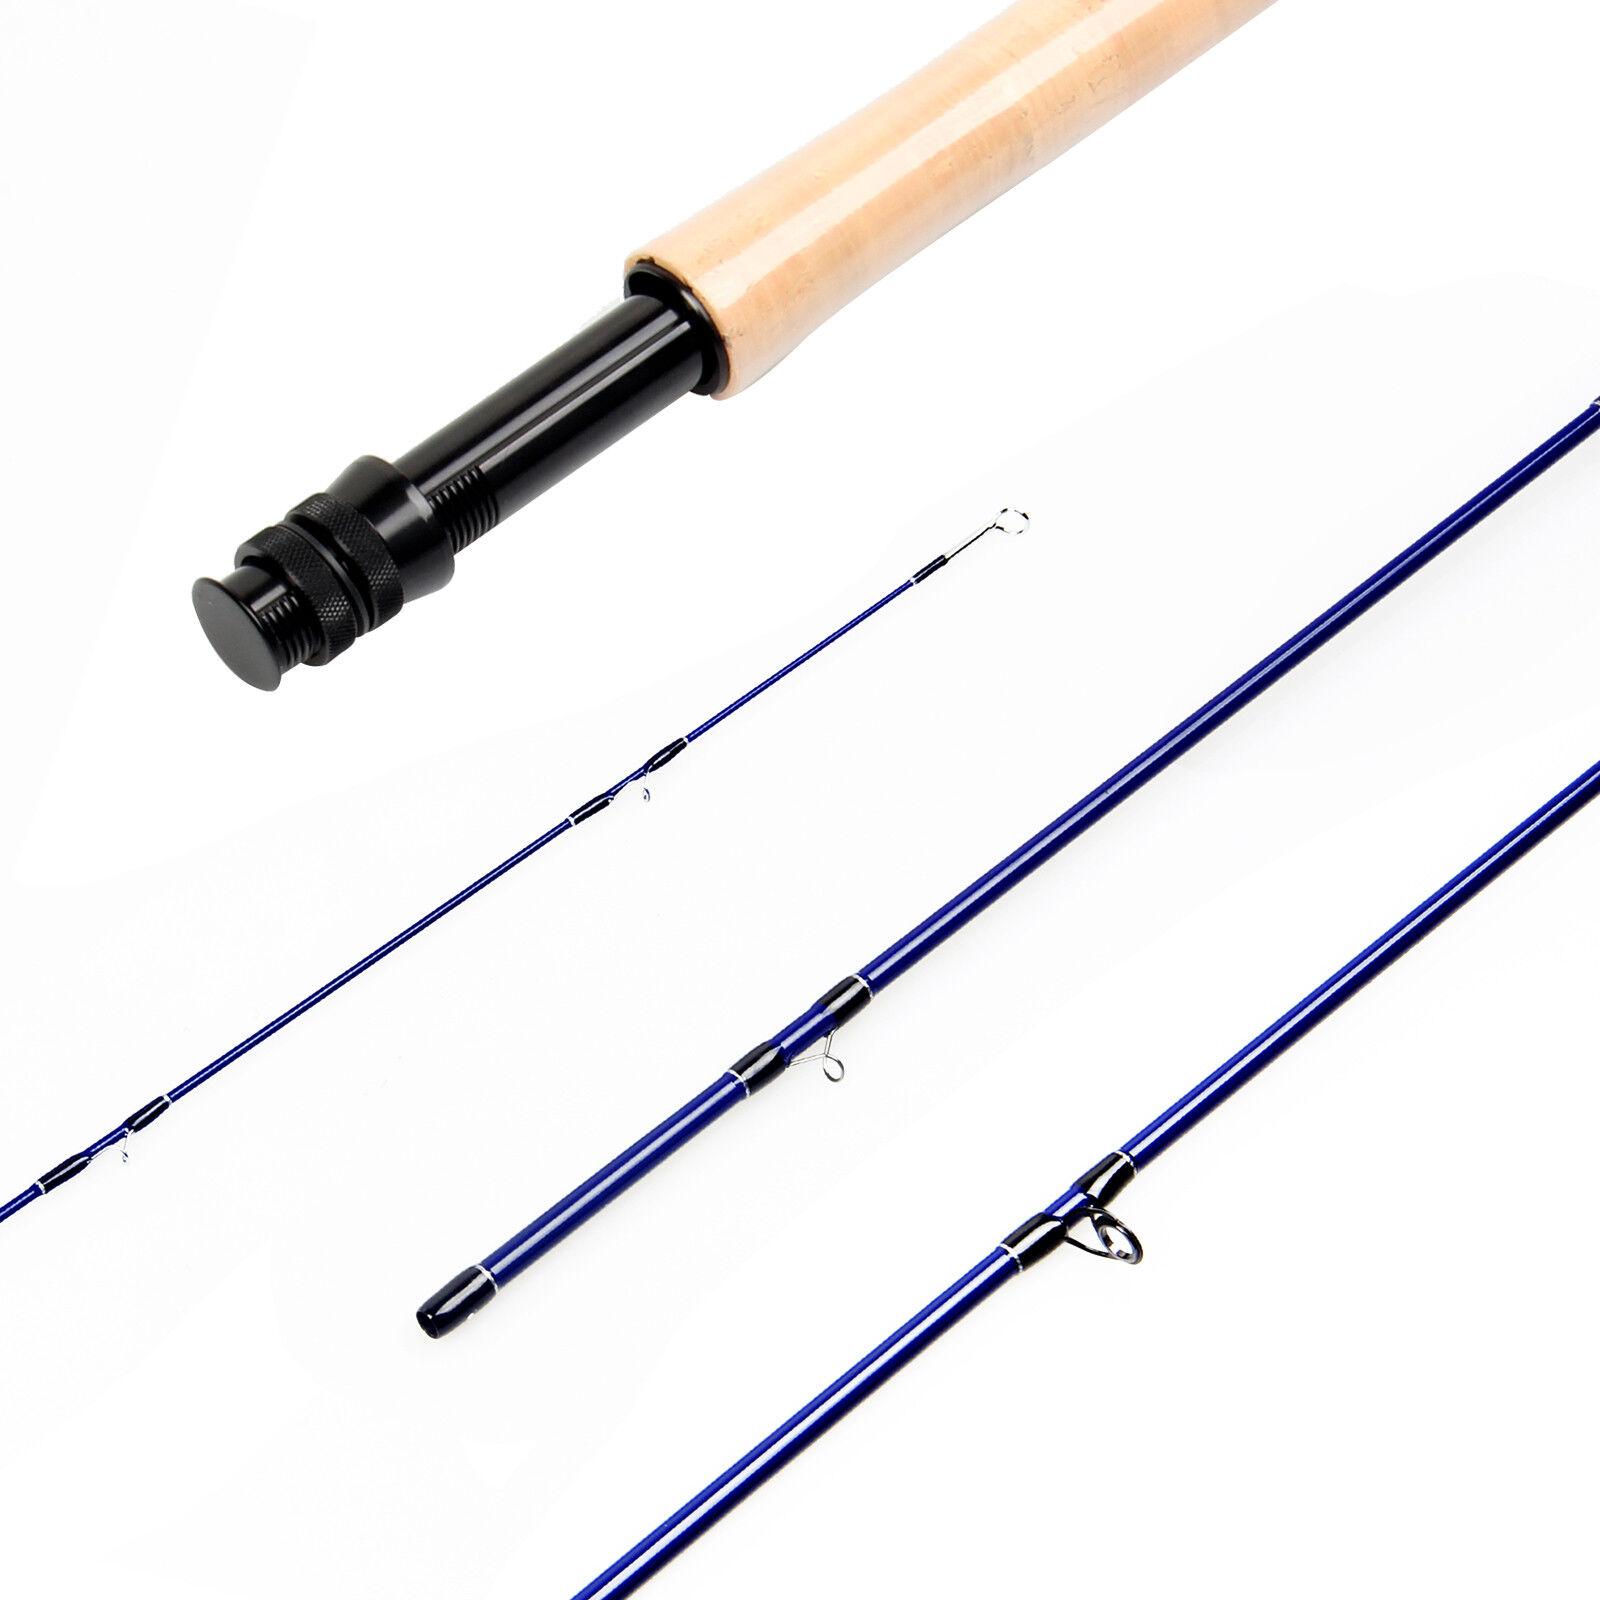 3 5WT Fly Rod SK Carbon Fiber Fly Fishing Rod Medium Fast Action Blank Design